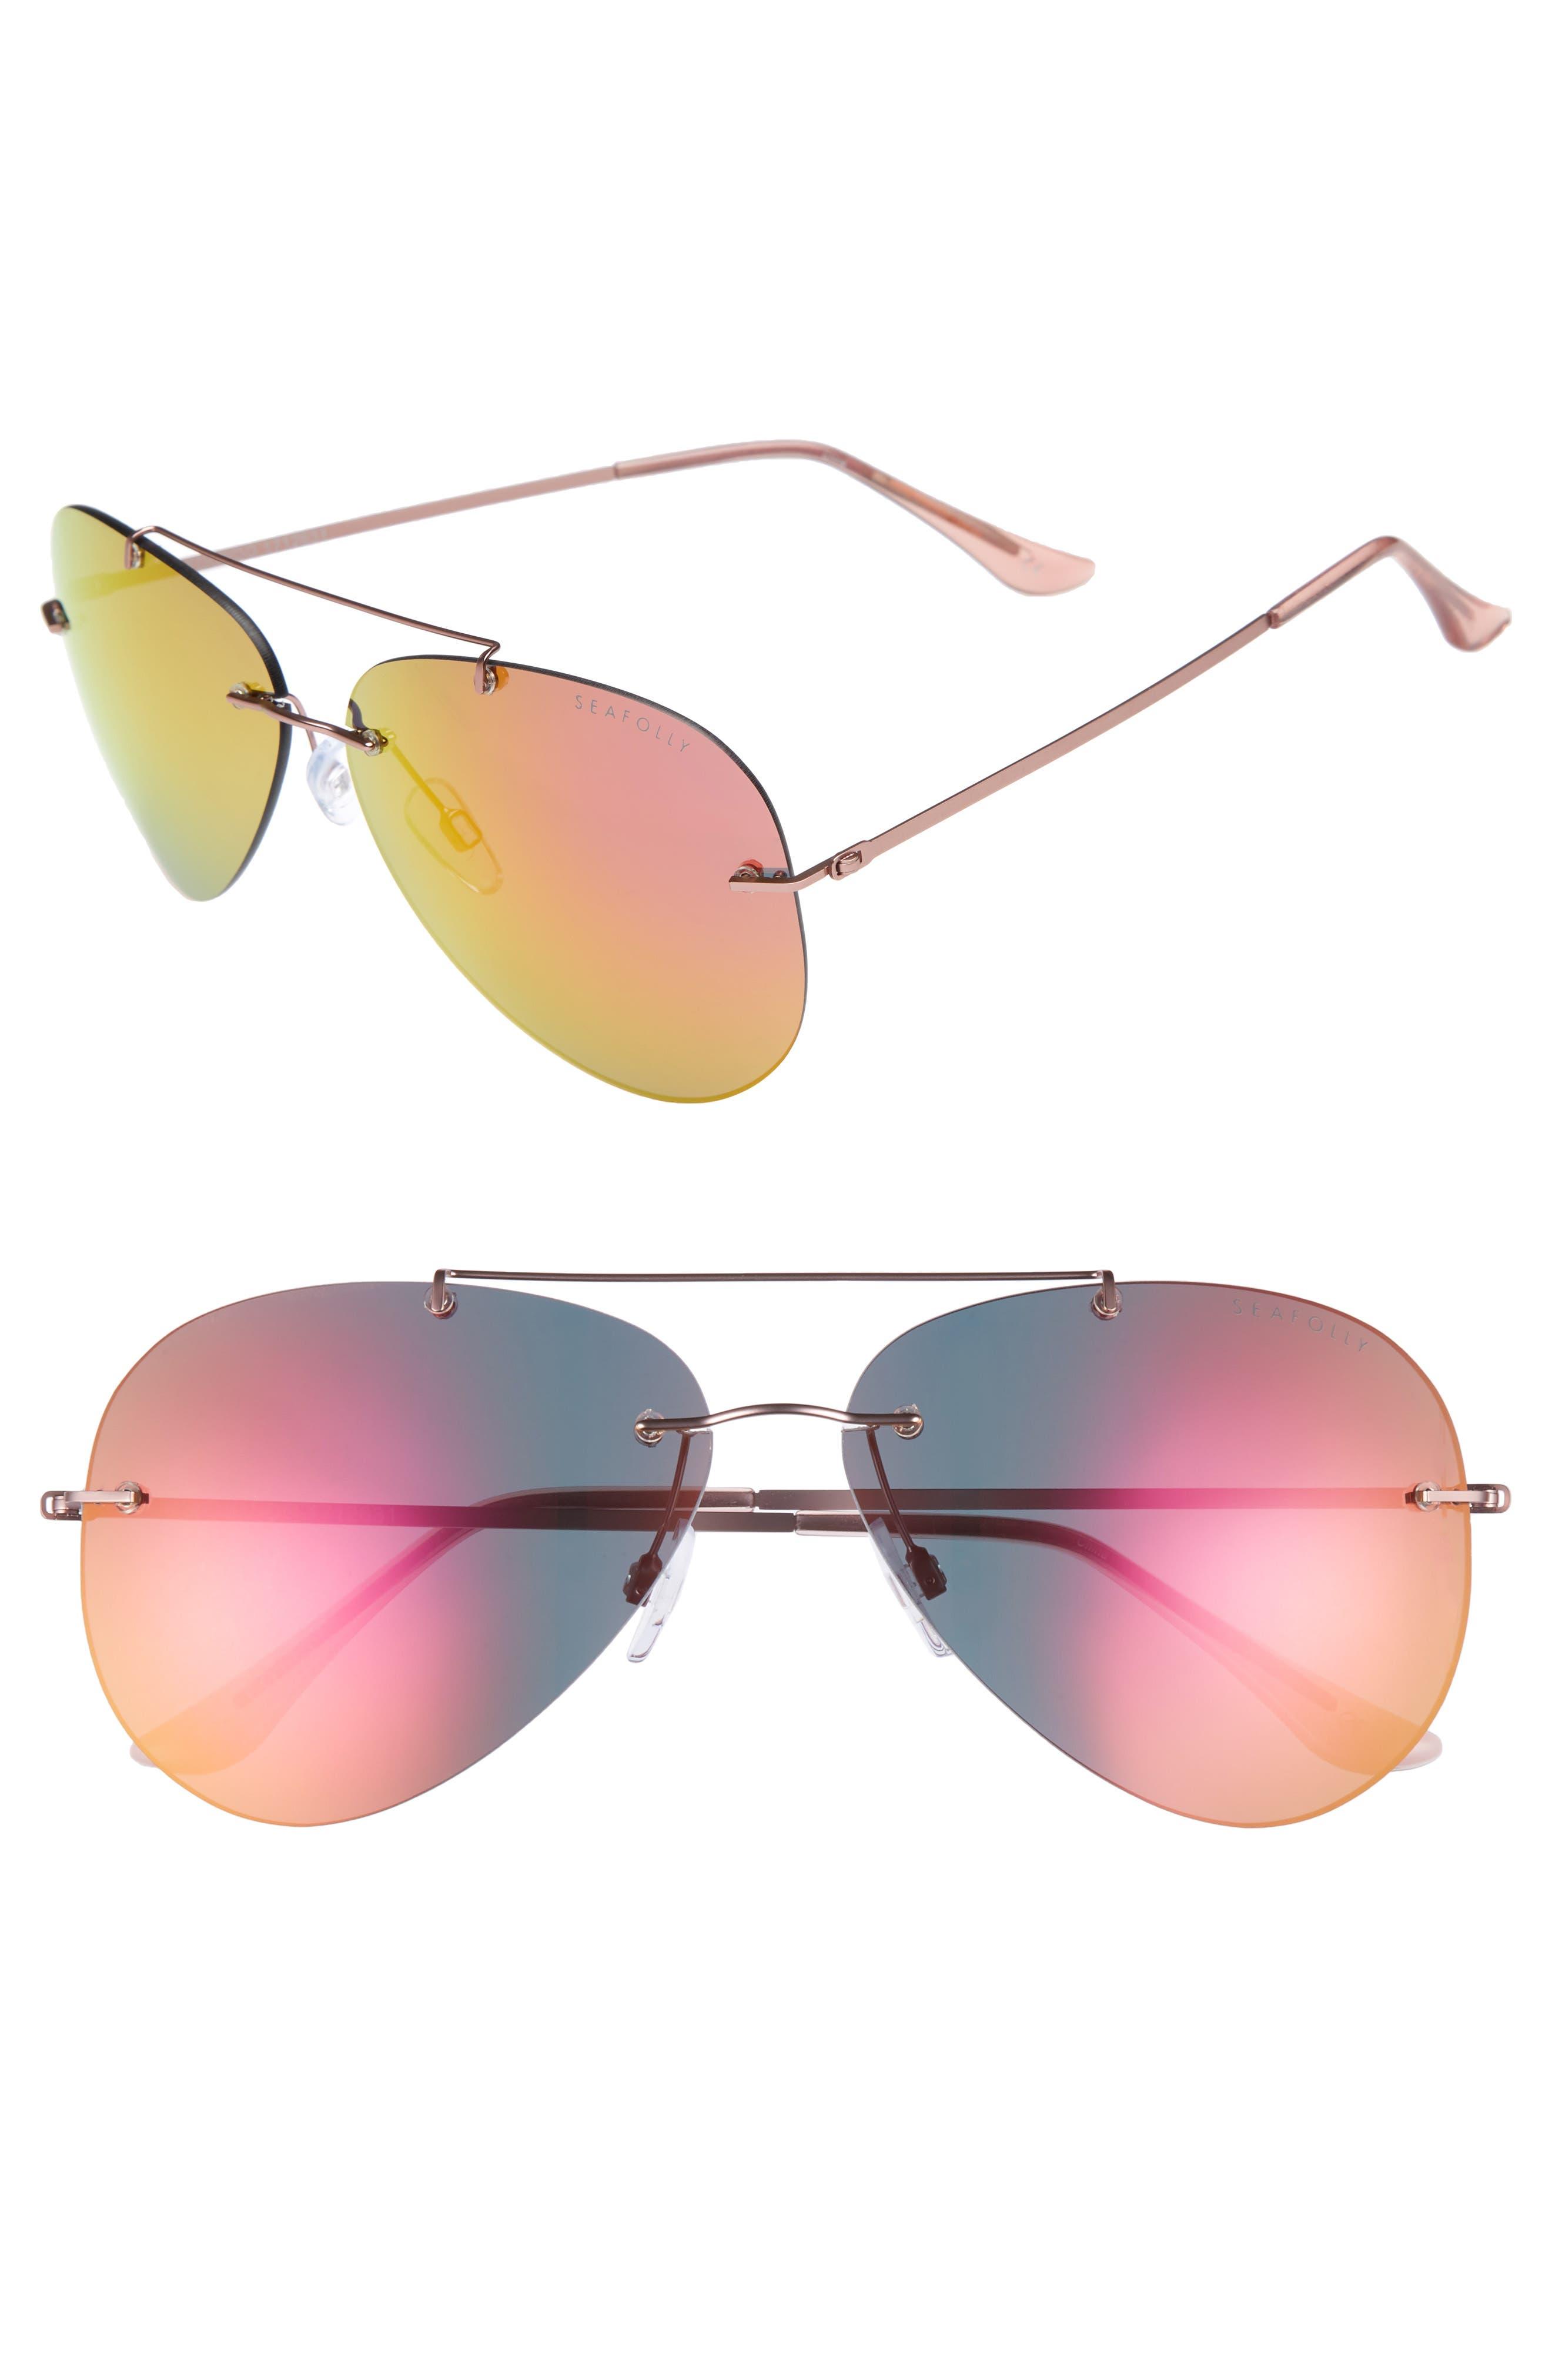 Redondo 61mm Rimless Aviator Sunglasses,                         Main,                         color, Nectarine